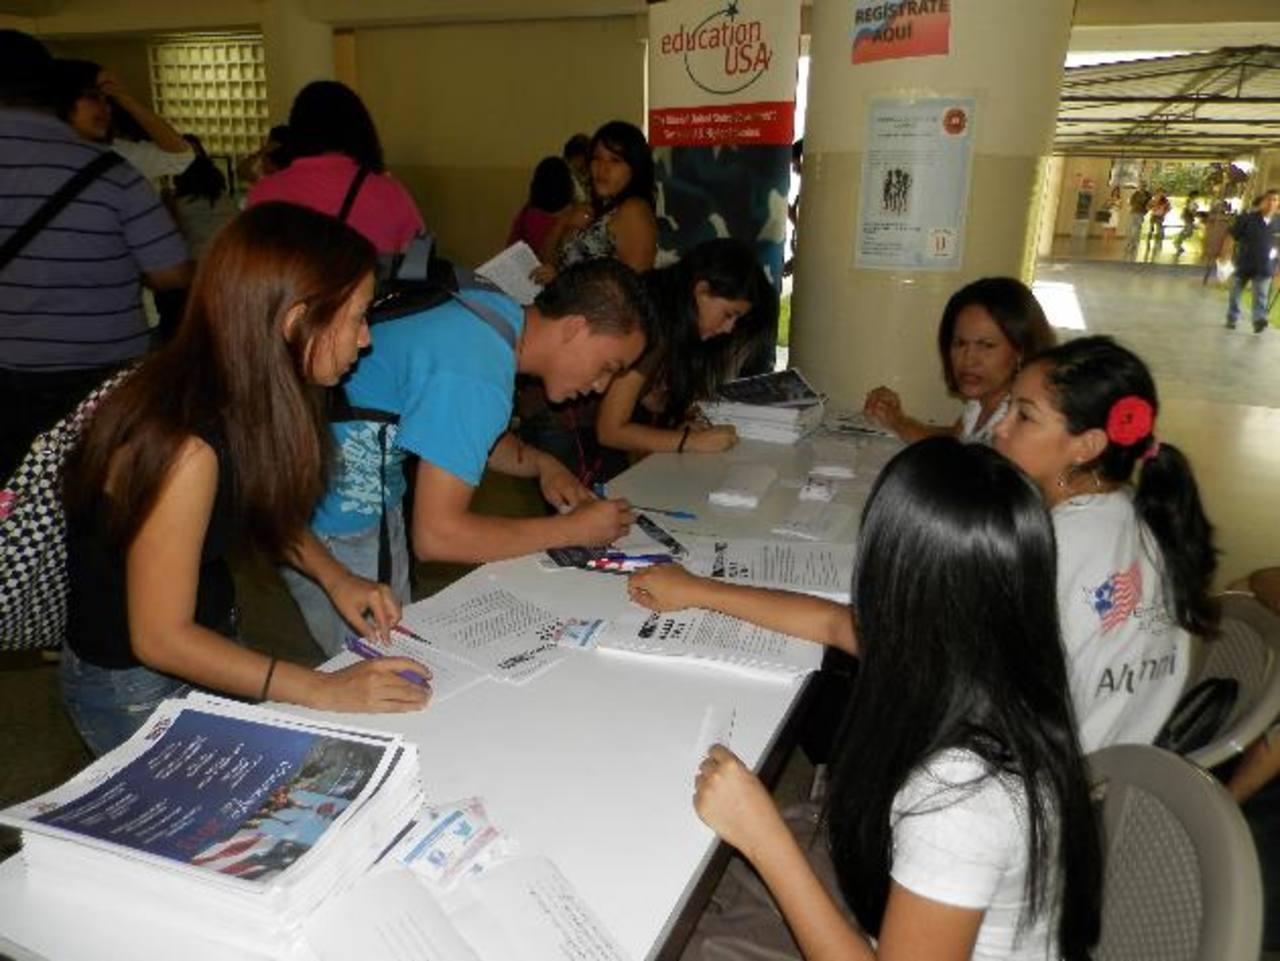 Cientos de jóvenes participaron en la feria que logró reunir a 10 universidades de los Estados Unidos. Foto EDH / milton jaco